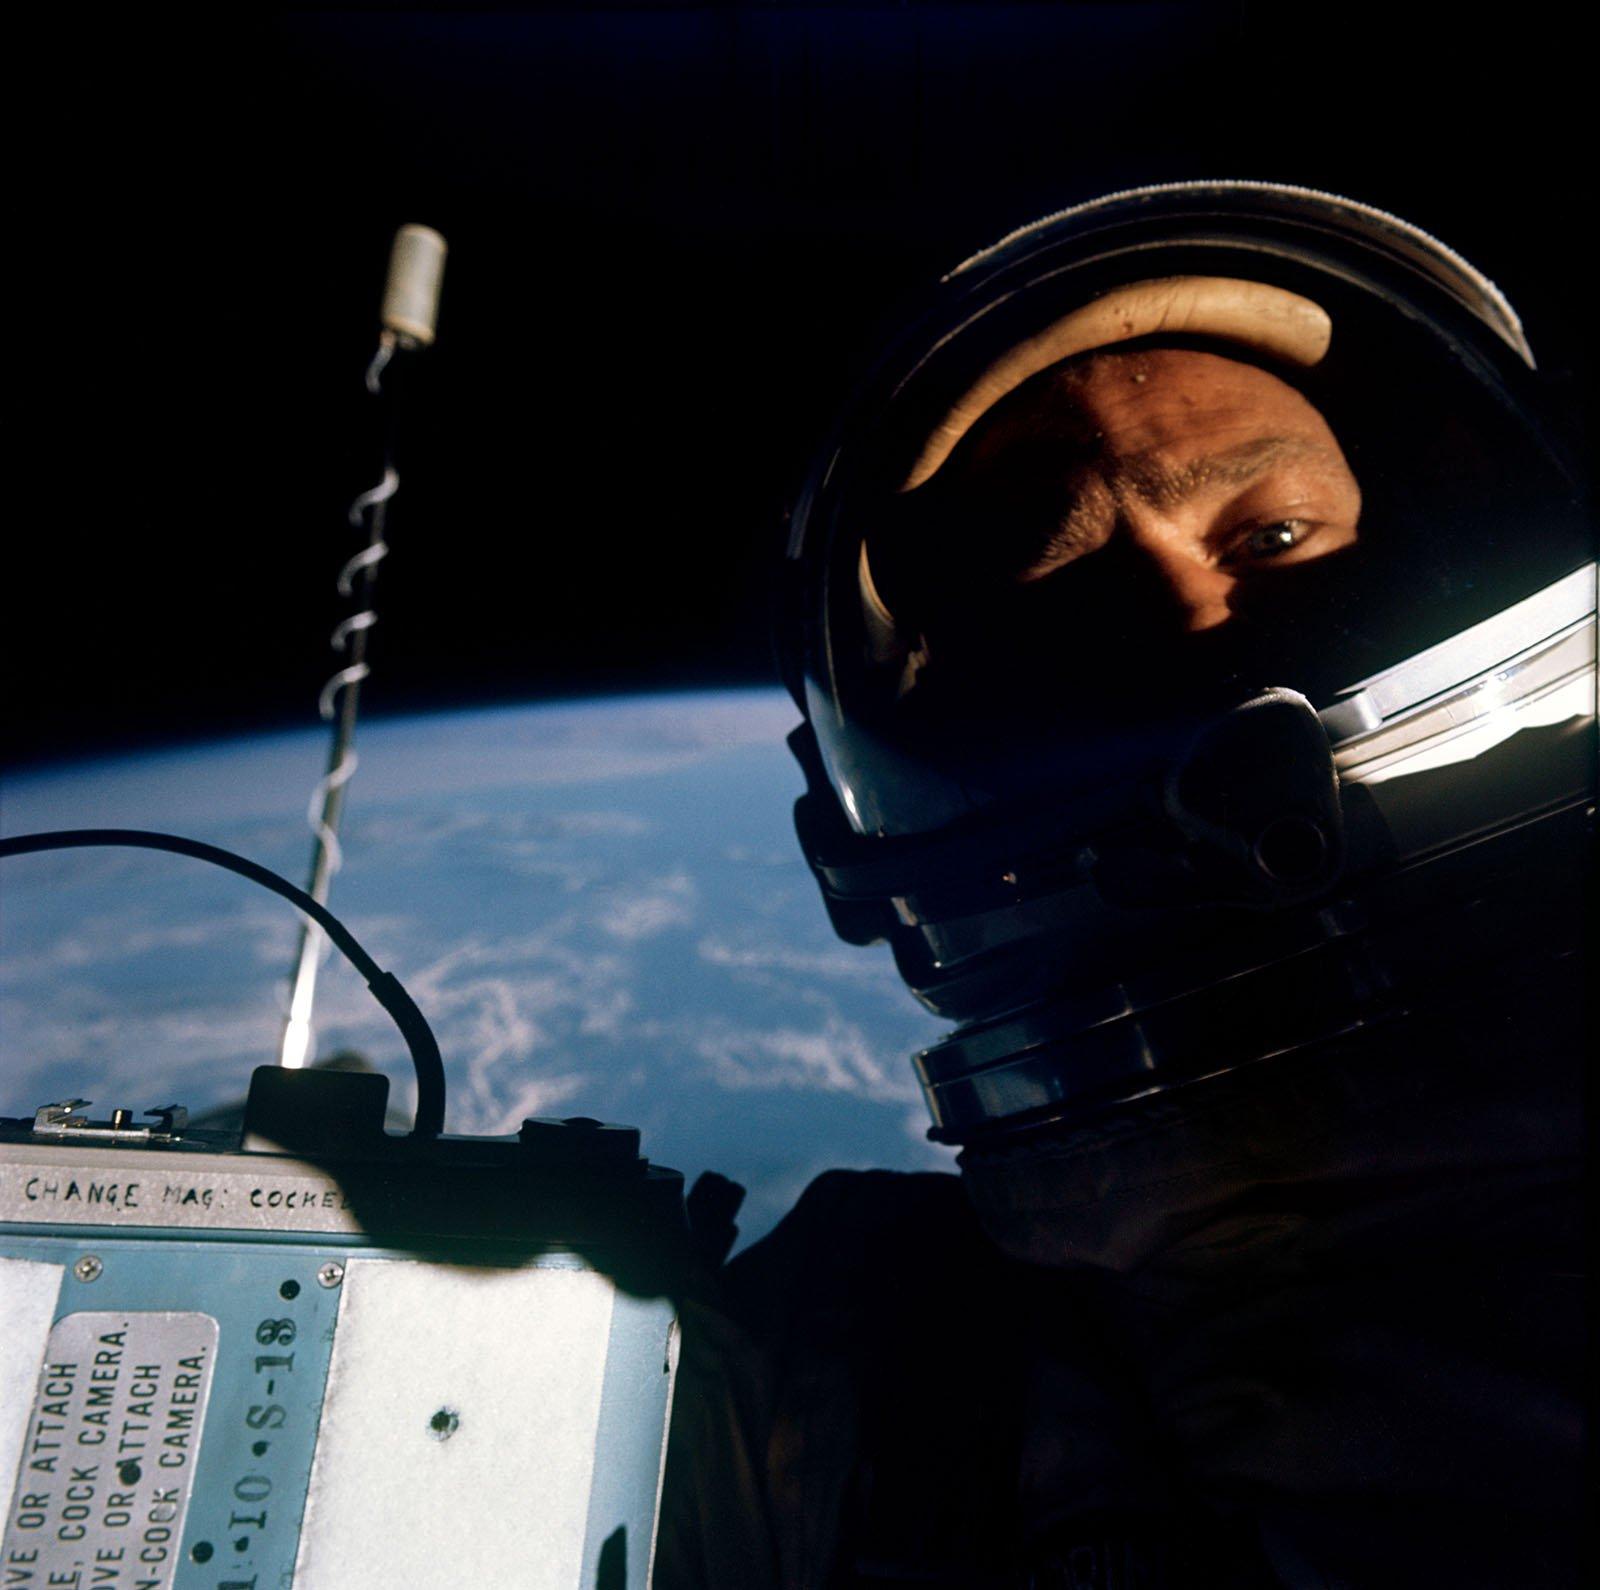 Vor Facebook, Buzz Aldrin Schnappte Dieses Selfie aus dem all für die Welt zu Sehen